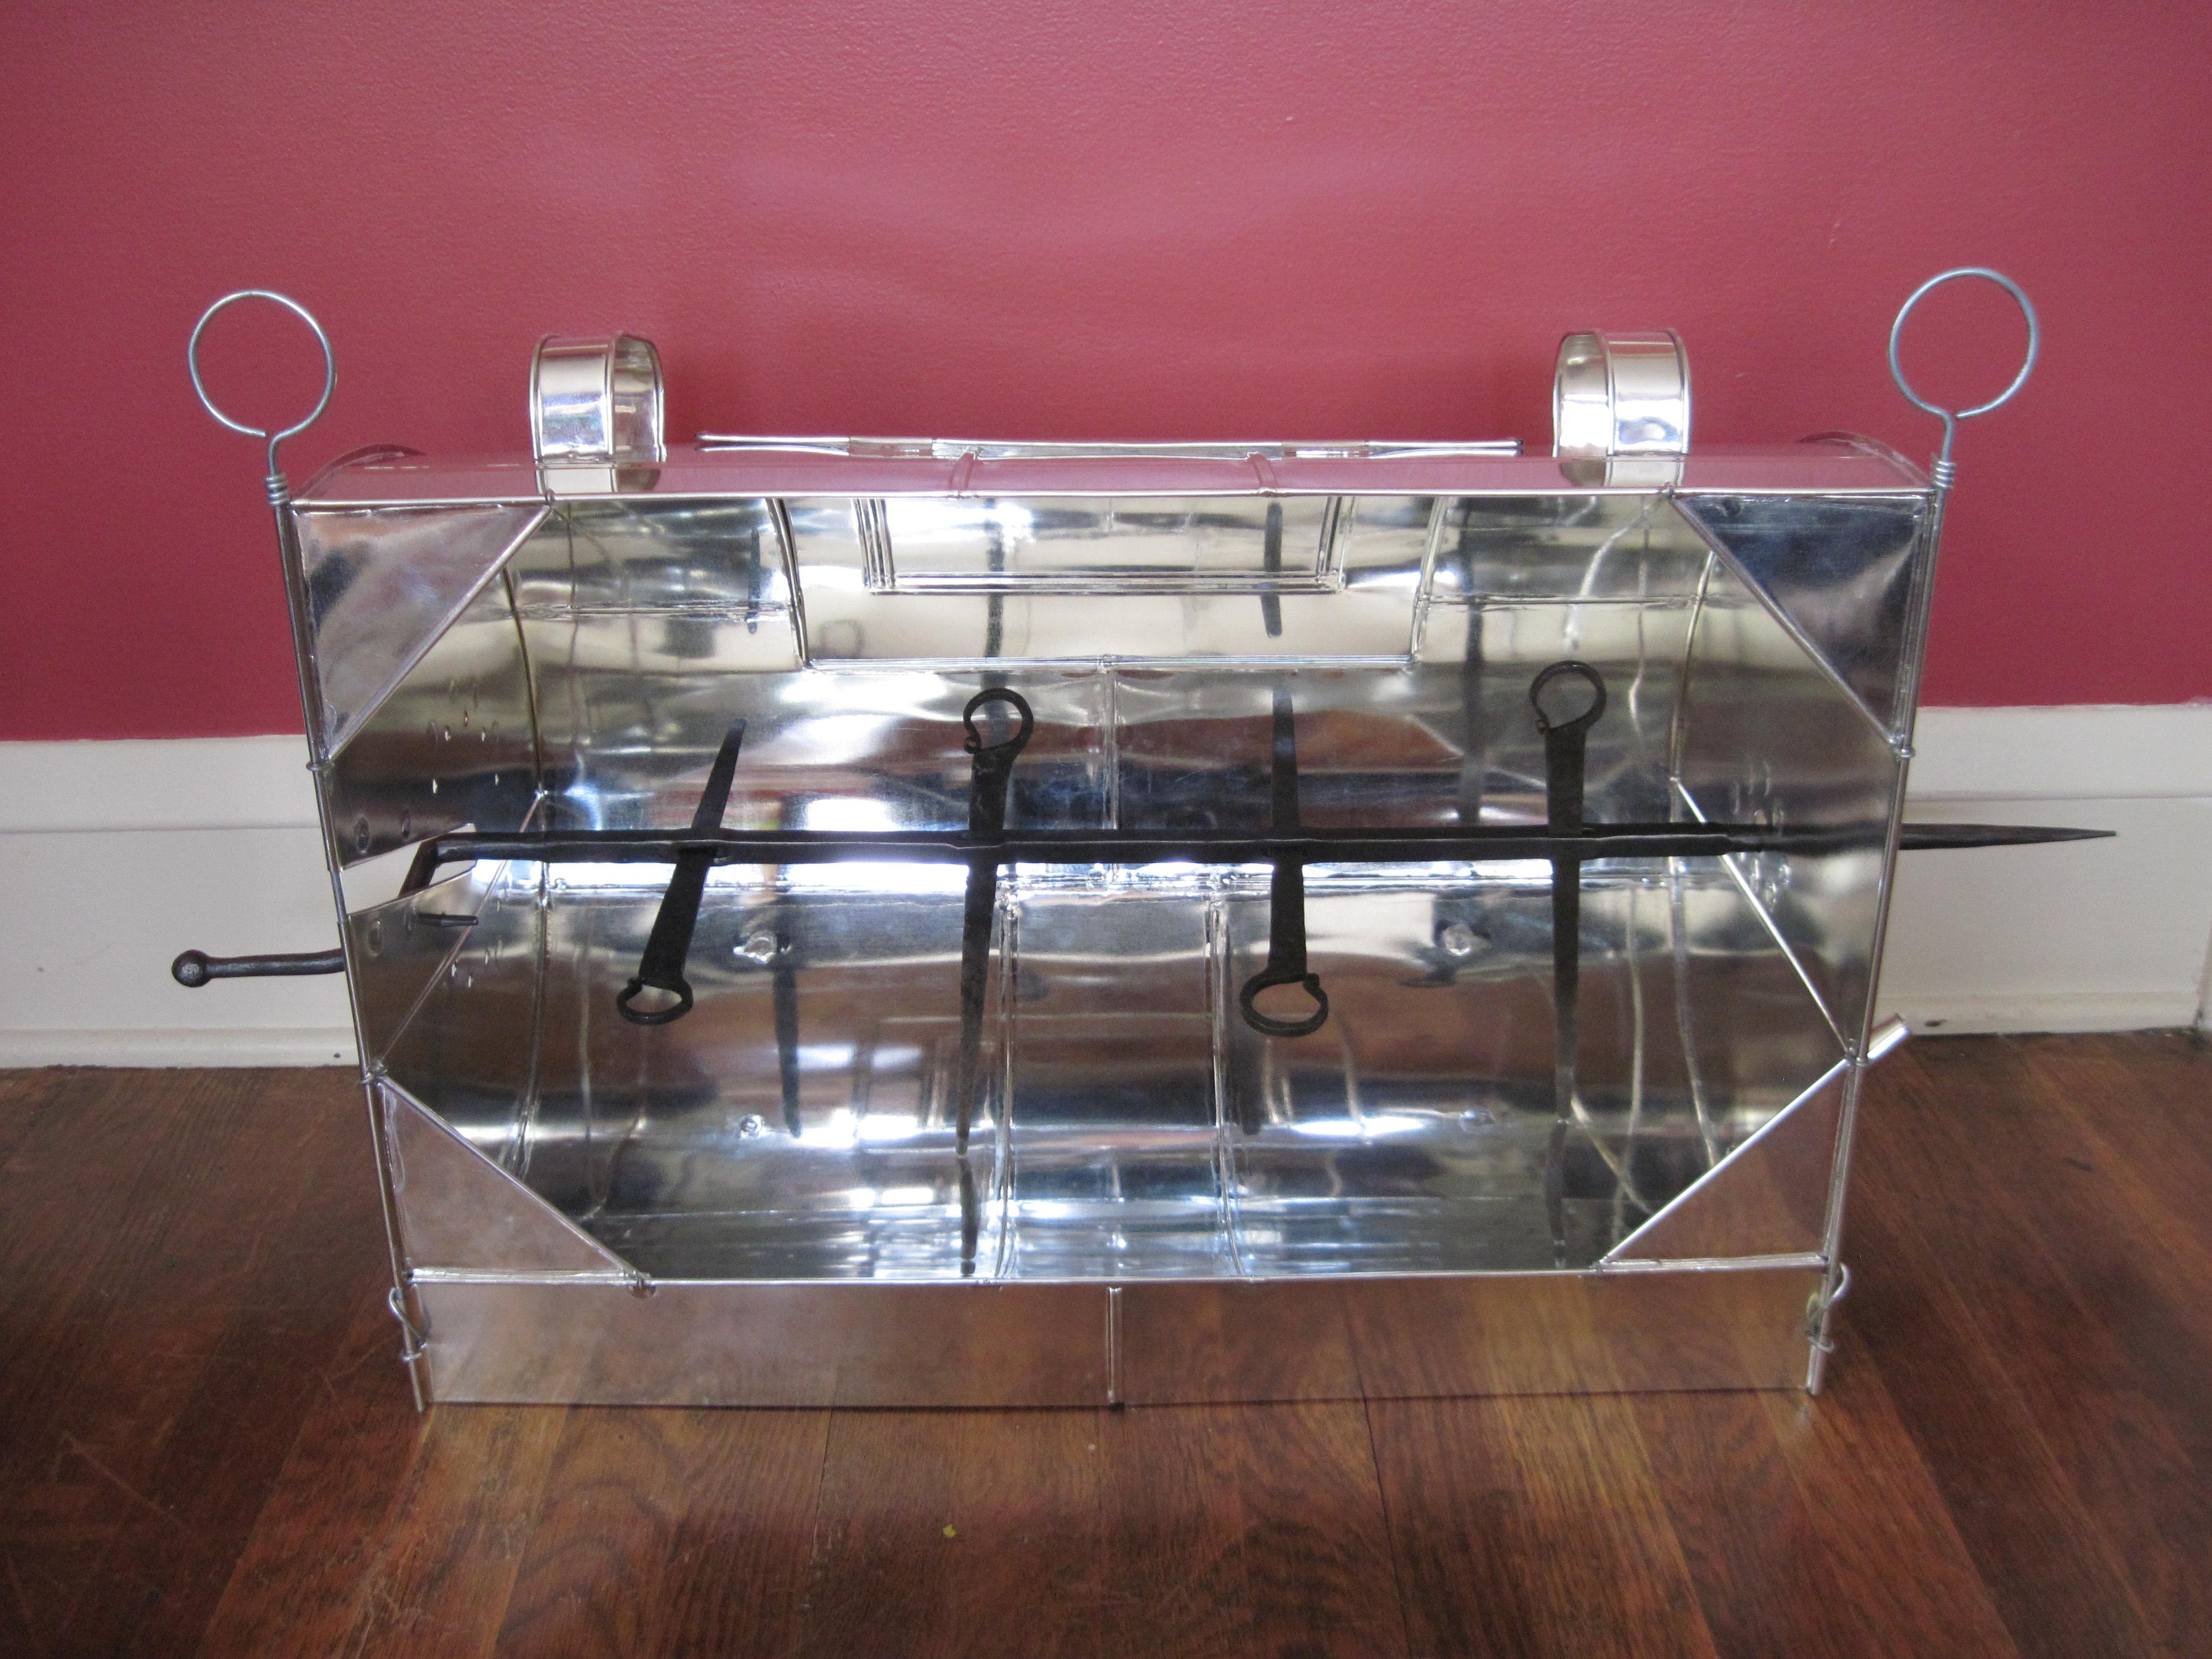 Tin Kitchen - Front View